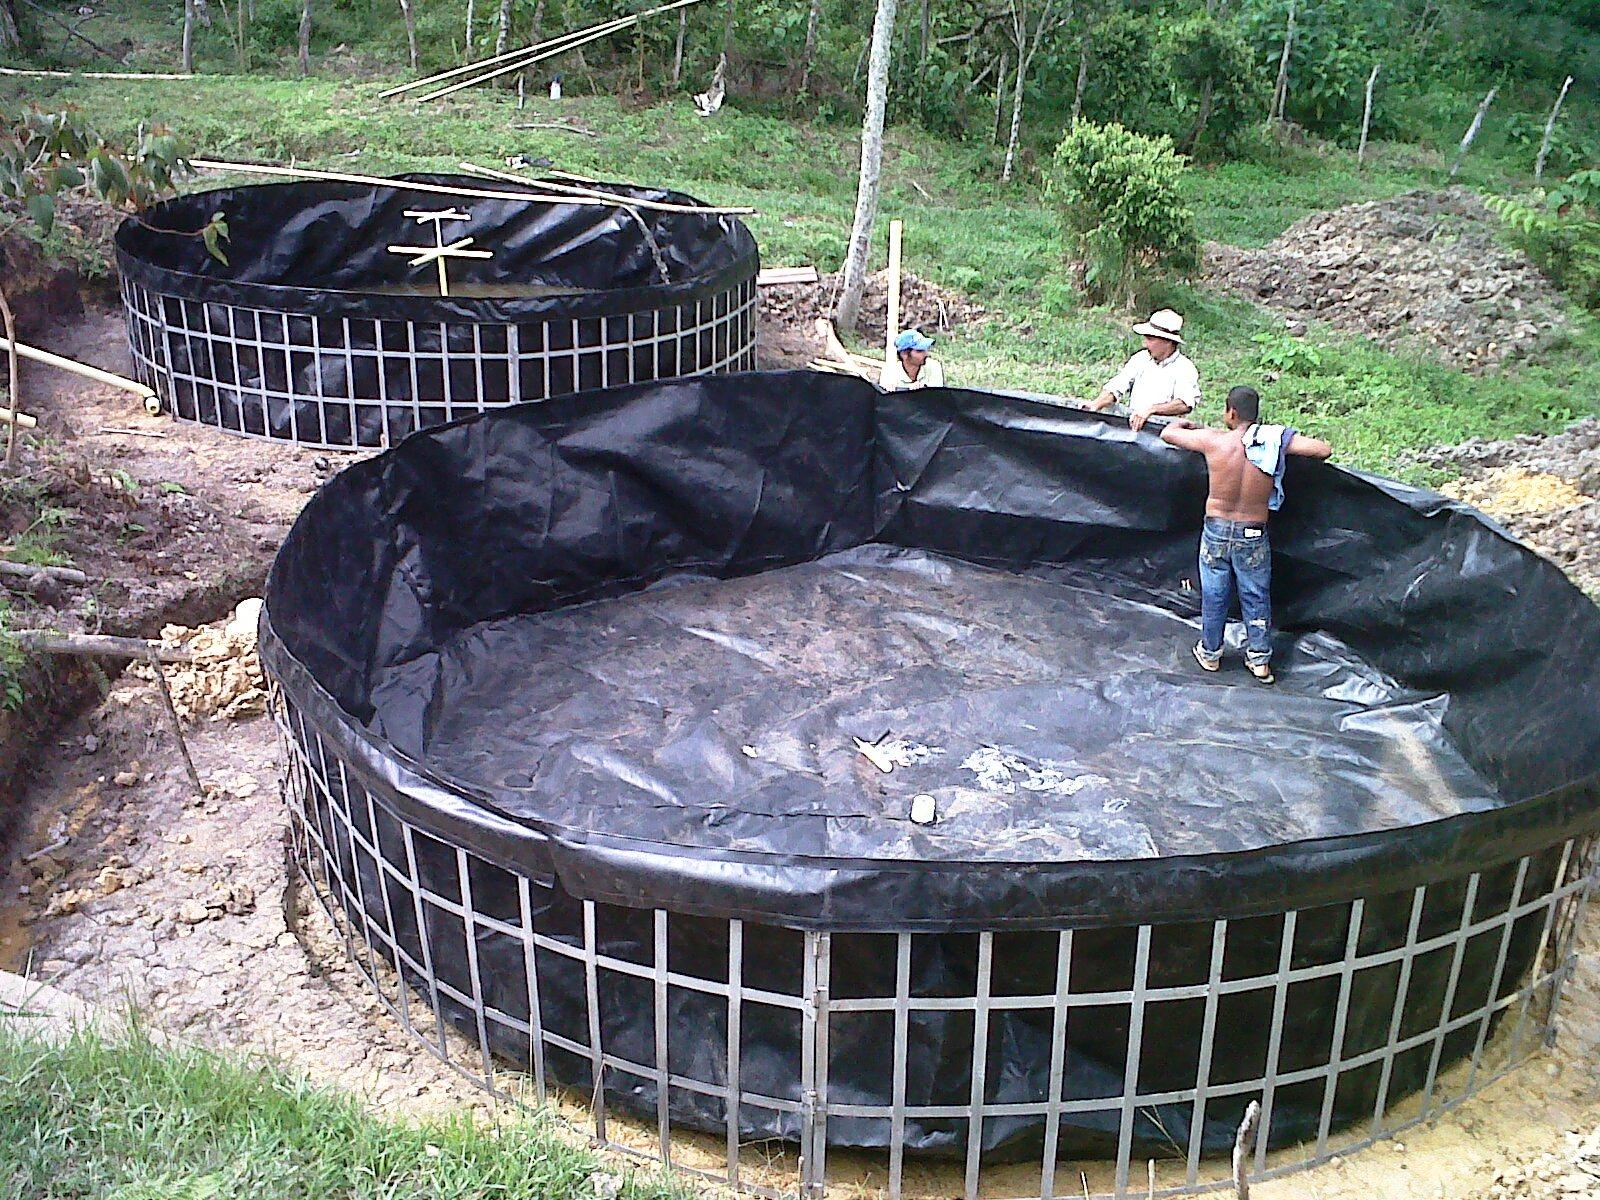 Jovenes rurales emprendedores instalaci n de tanques for Tanques circulares para acuicultura